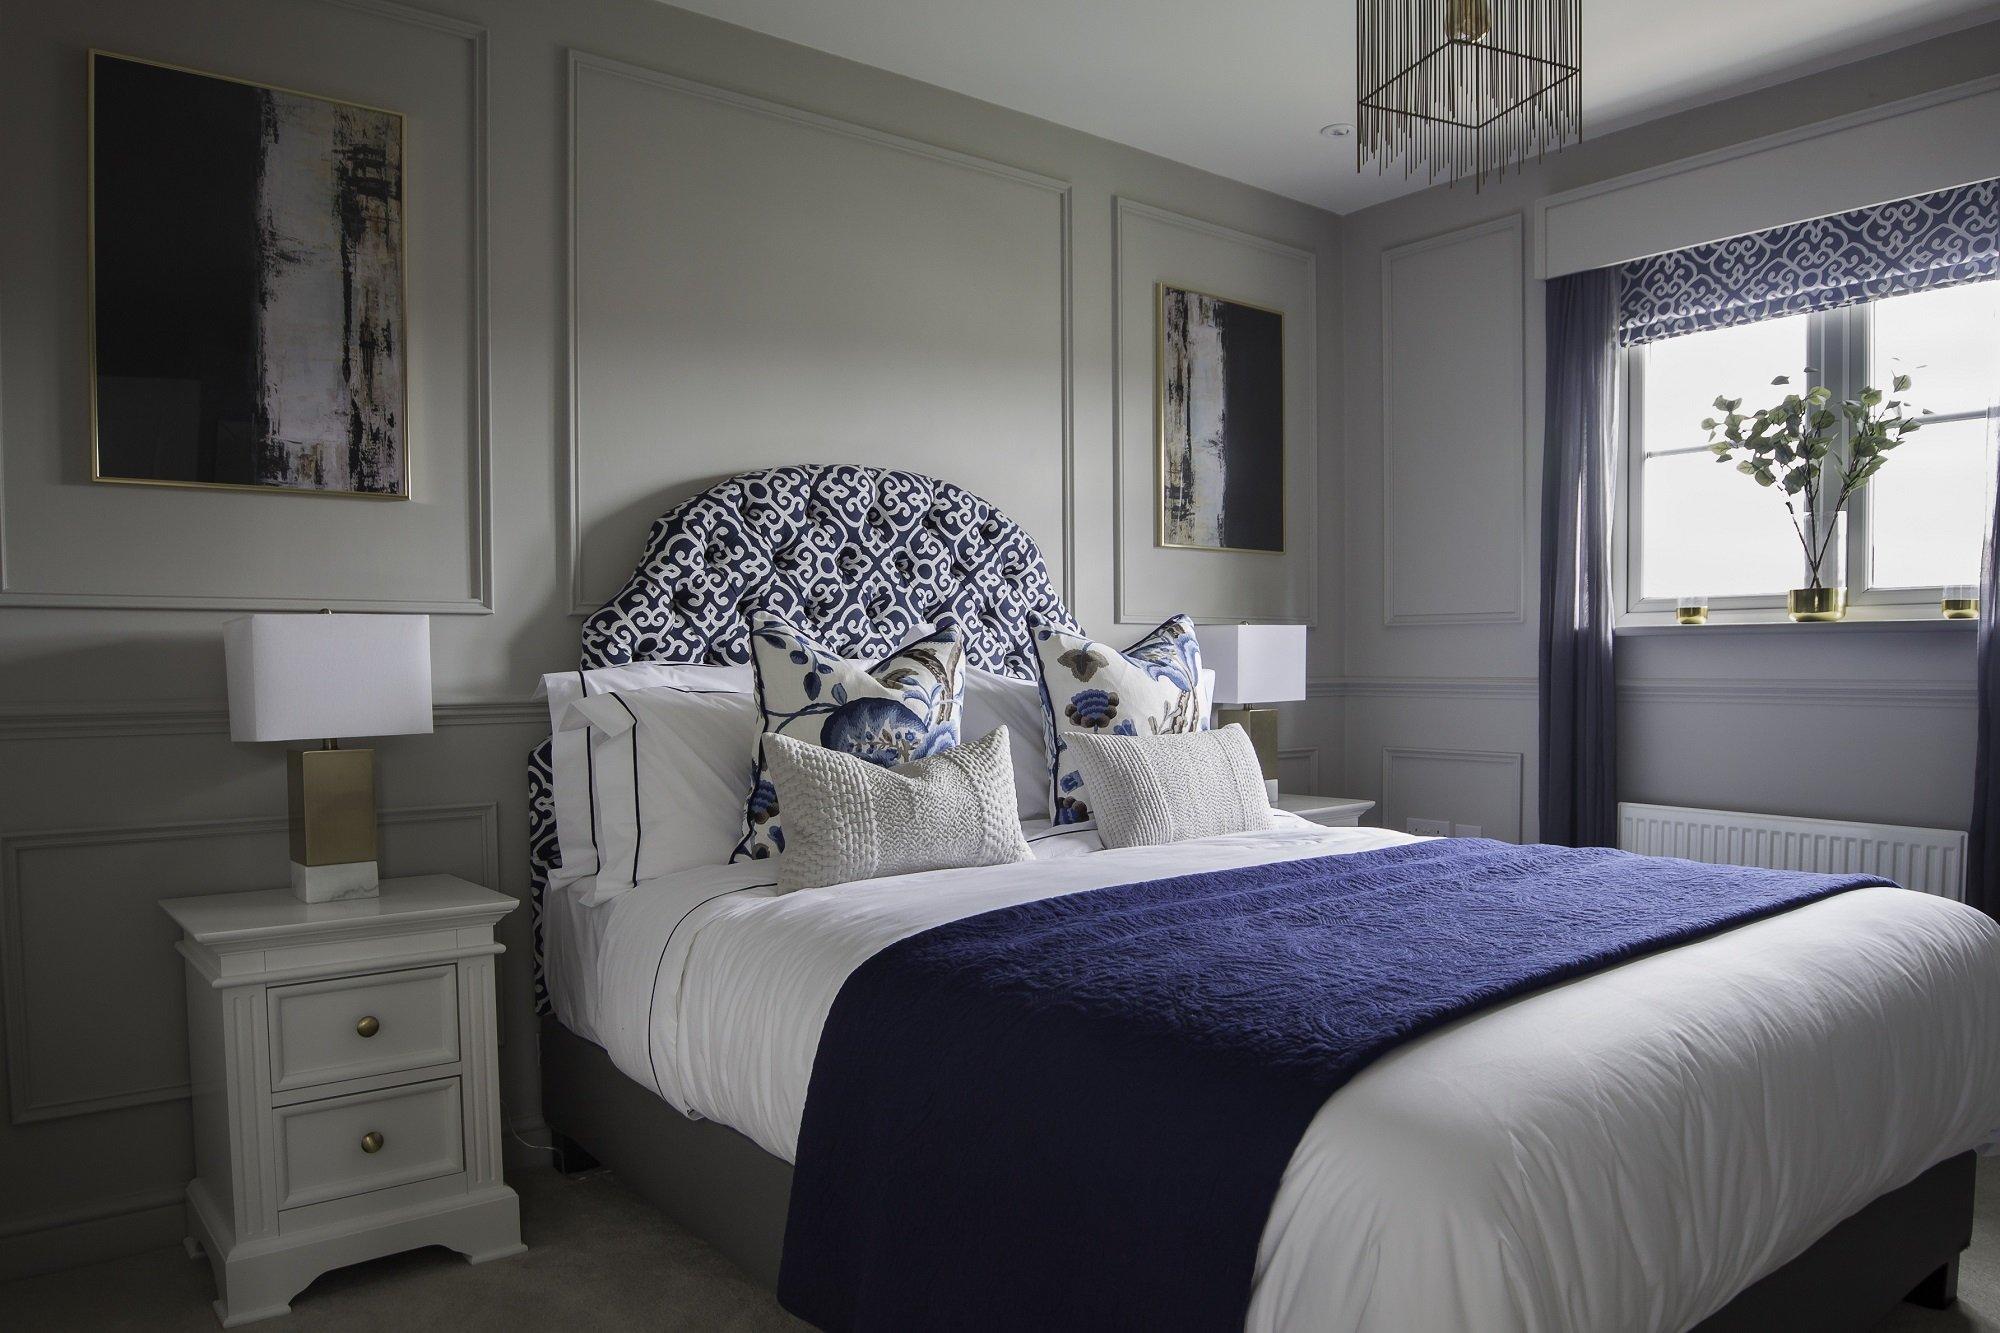 Mẫu thiết kế phòng ngủ nhà chung cư cao cấp tông màu trắng xanh